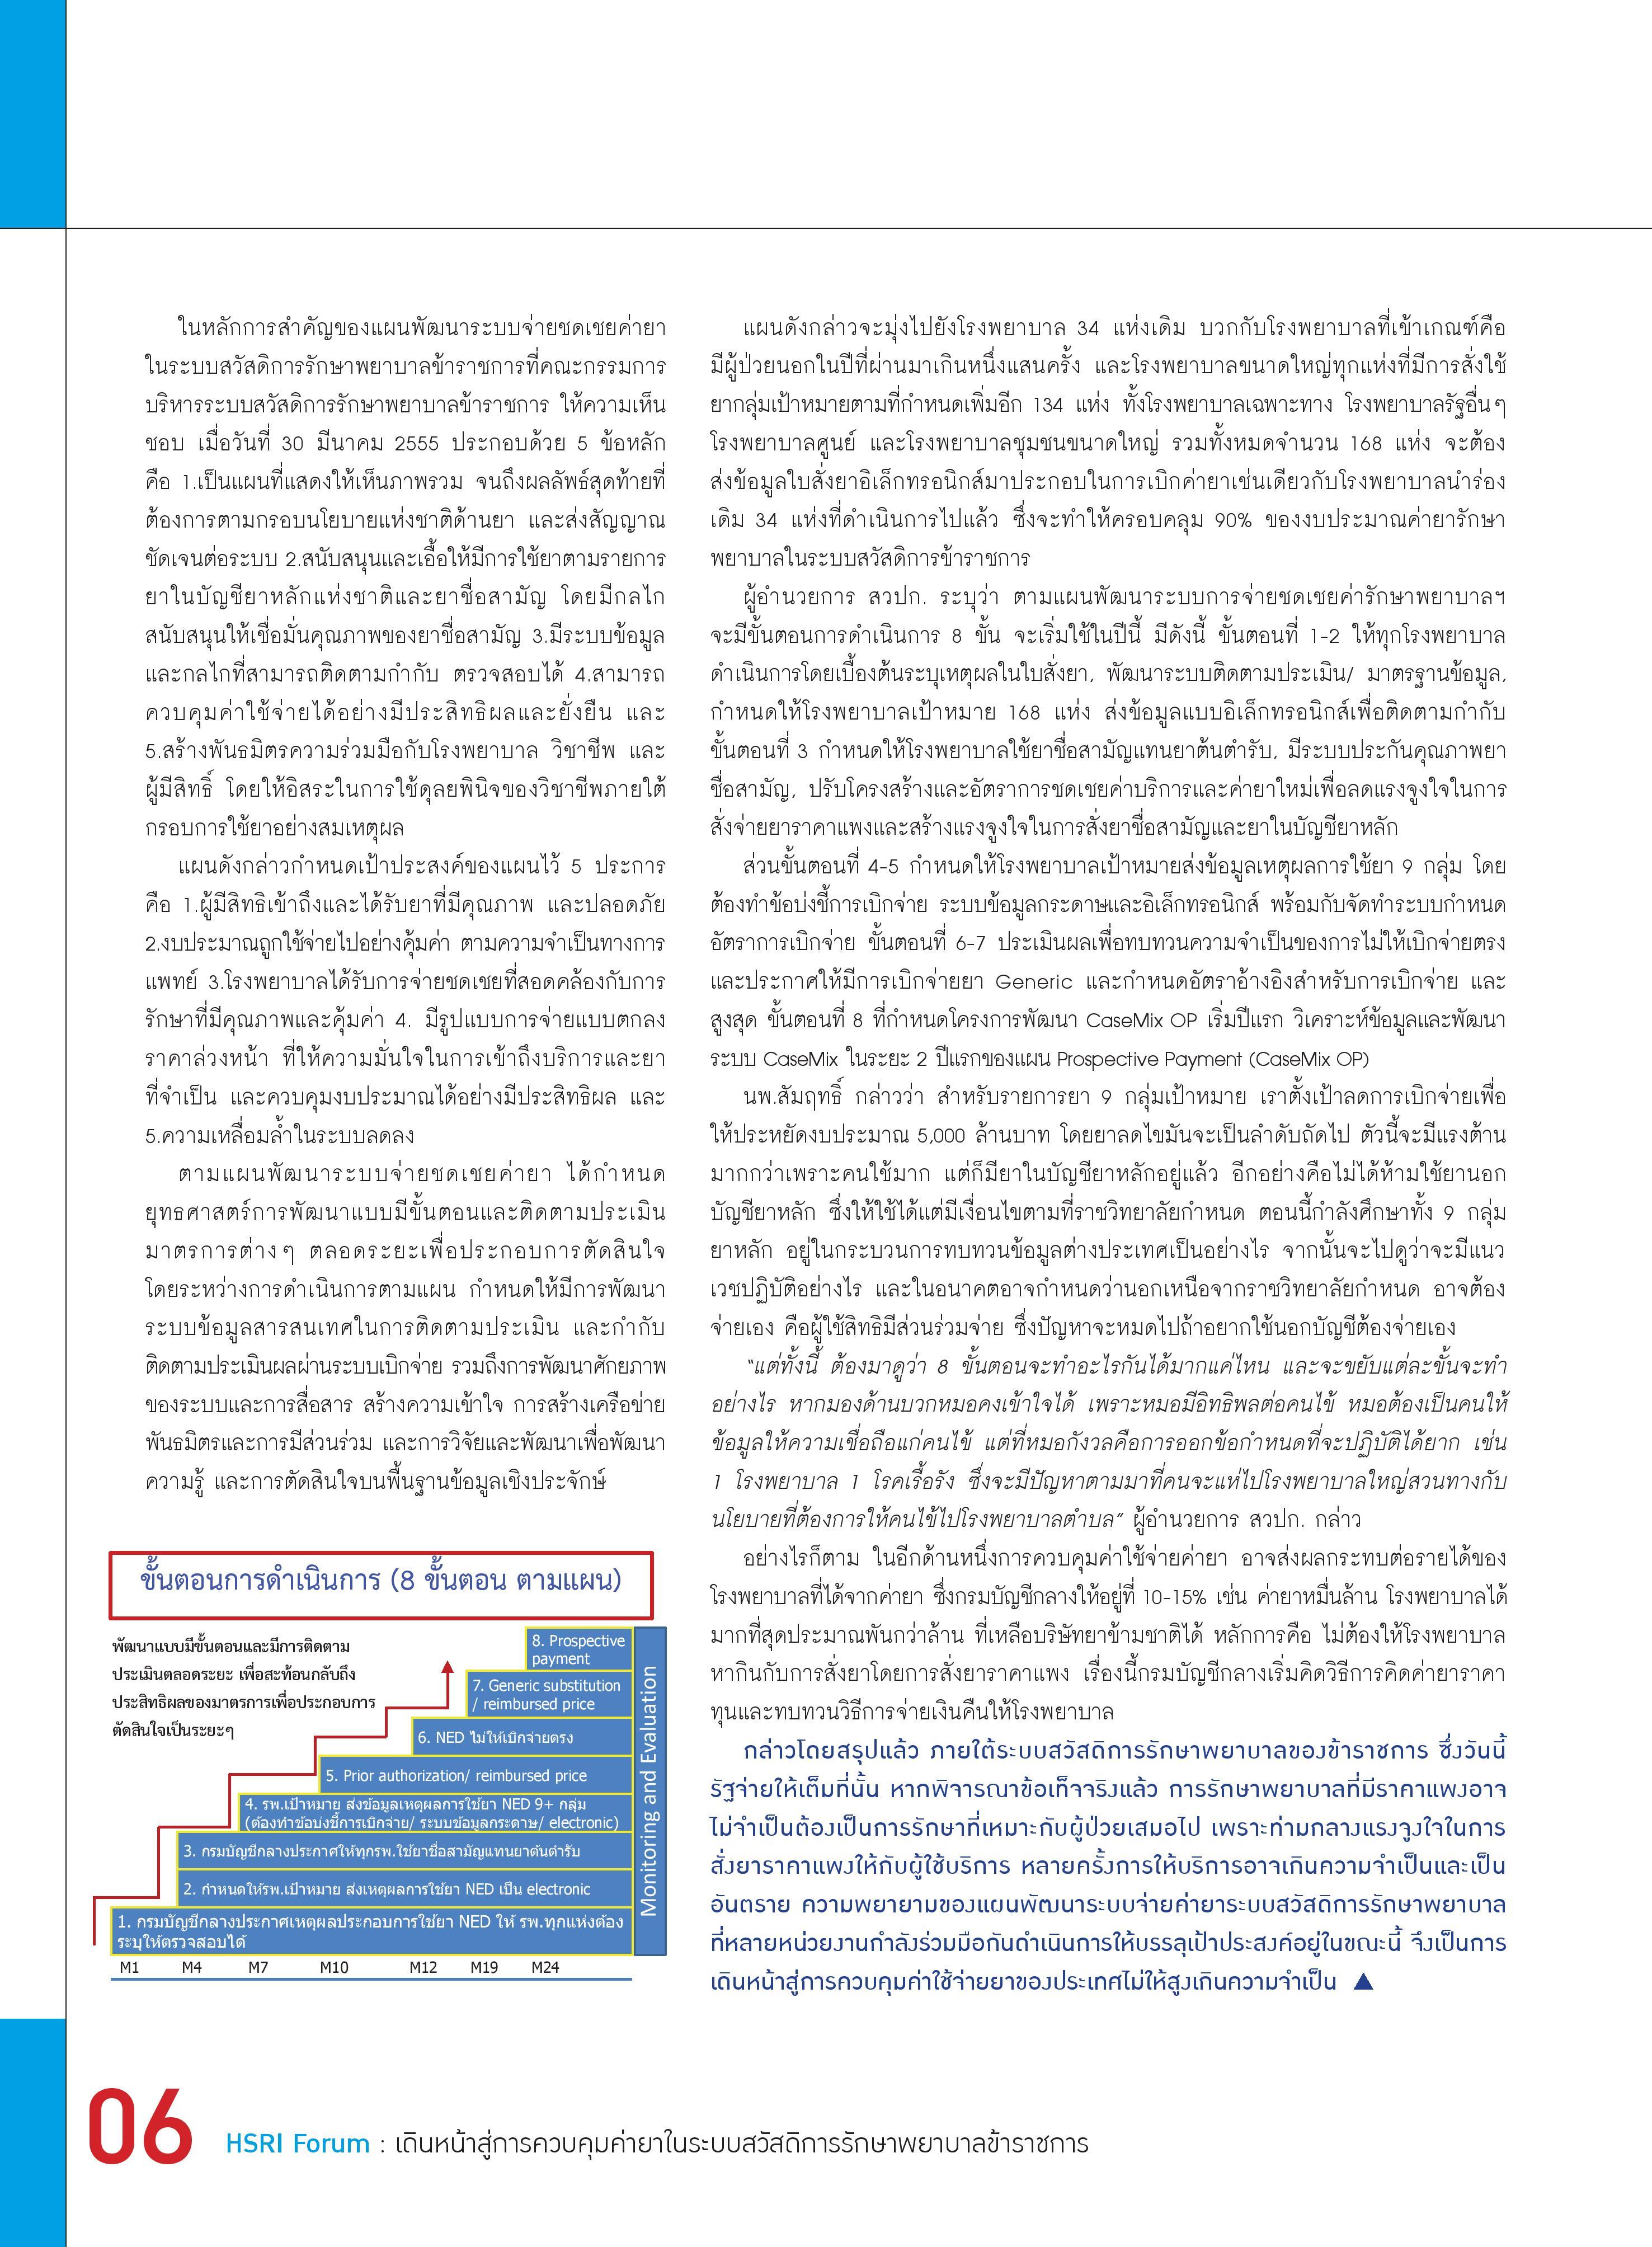 hsri-forum5-website-page-006